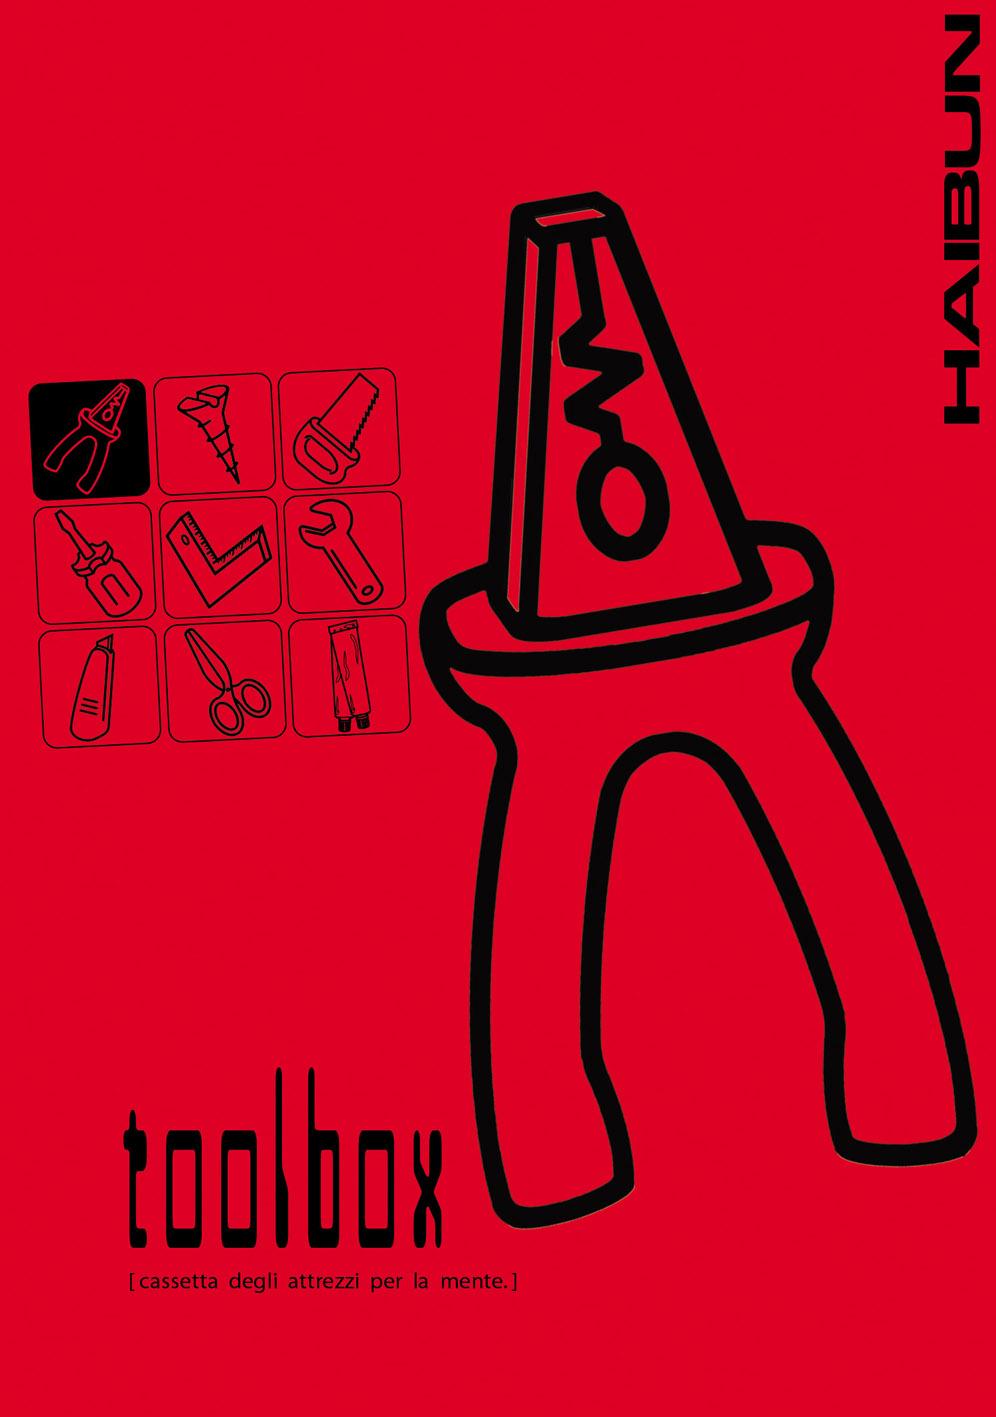 In arrivo un'edizione molto speciale del Toolbox di Haibun